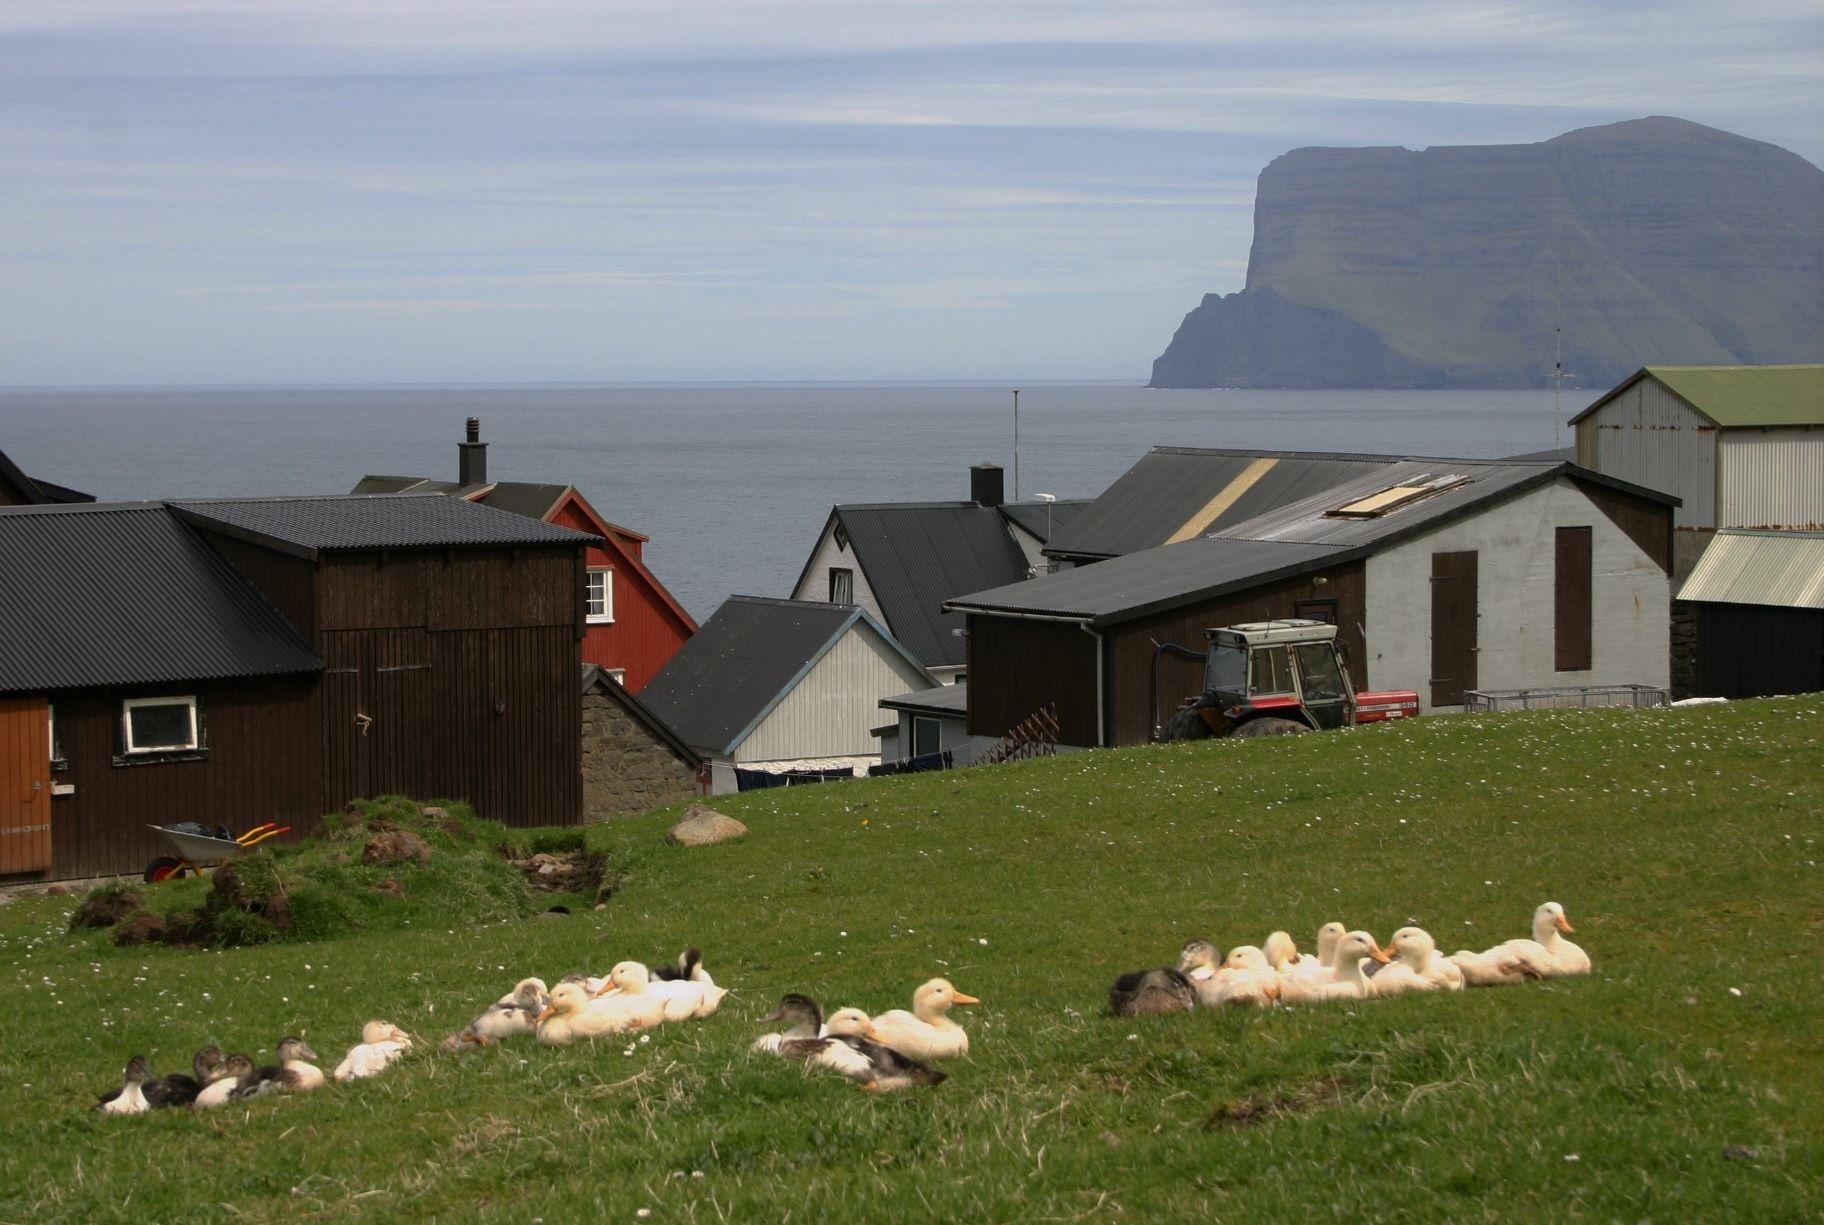 Der er endnu ingen officielle fotos fra den kommende James Bond-film fra Færøerne. Men det vides, at nogle af optagelserne skete i og omkring bygden Trøllanes på øen Kalsoy. Her billede fra Trøllanes; foto Erik Christensen via Wikipedia.